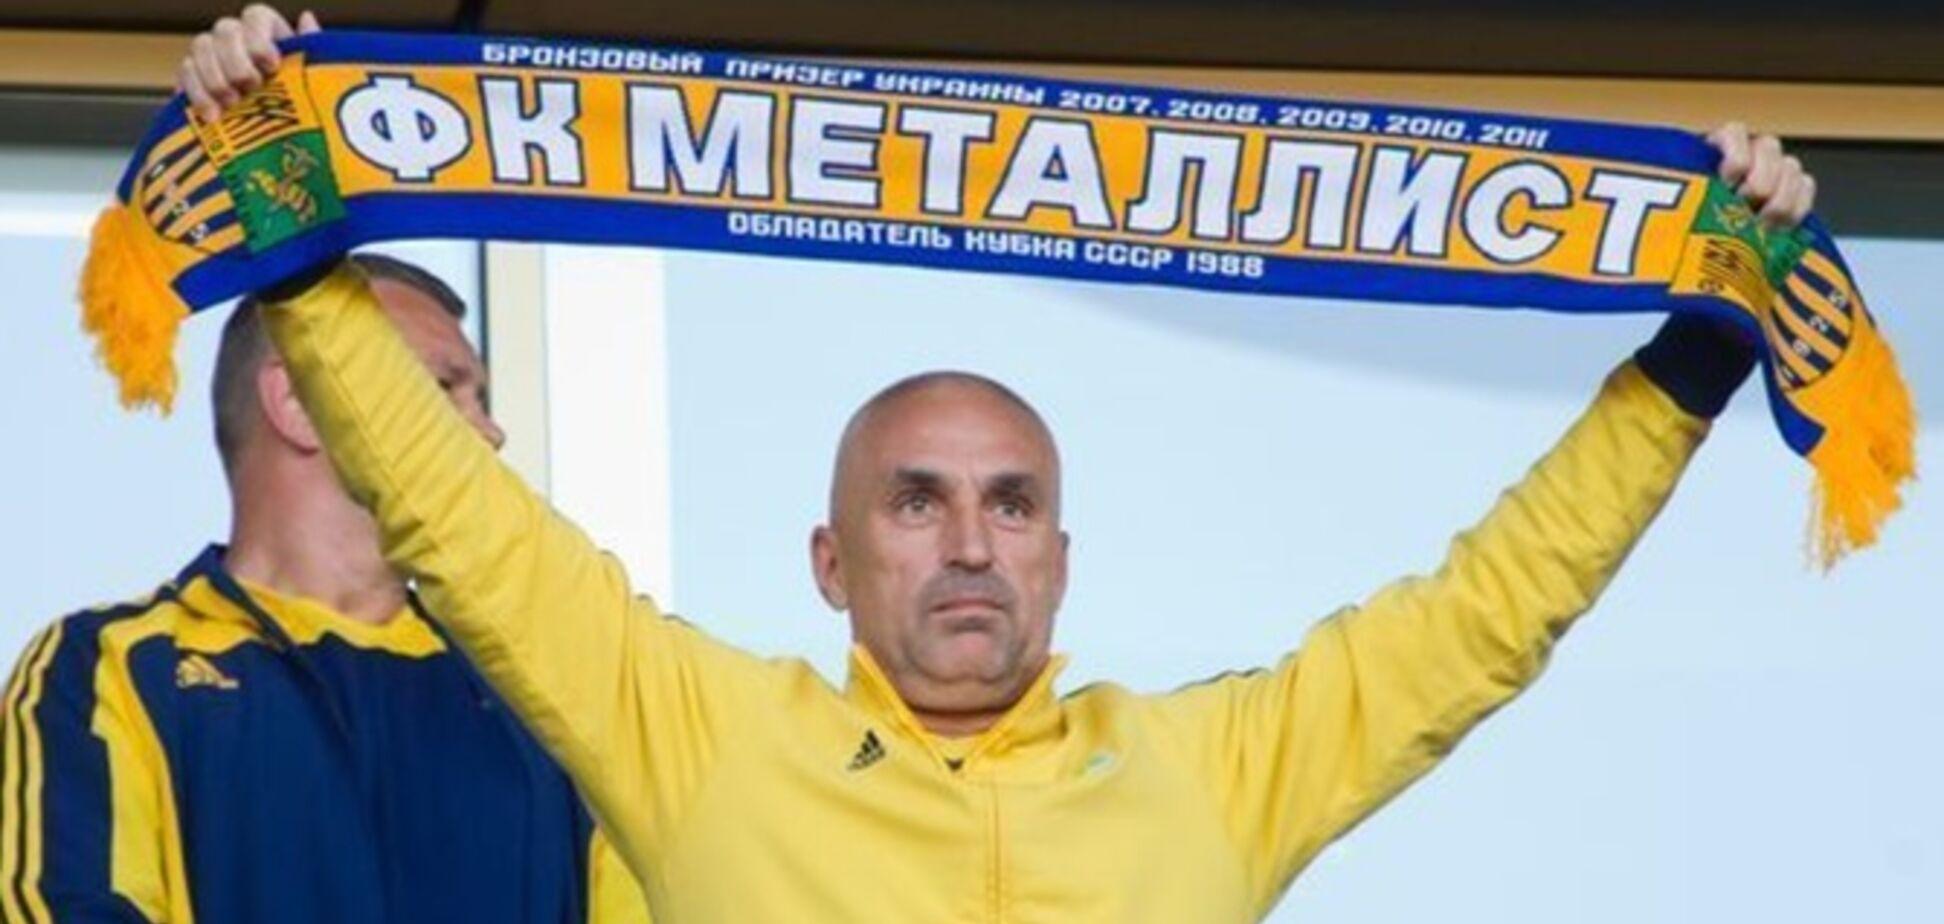 Ярославский: 'Как только наша команда менеджеров ушла из 'Металлиста', он приказал долго жить'